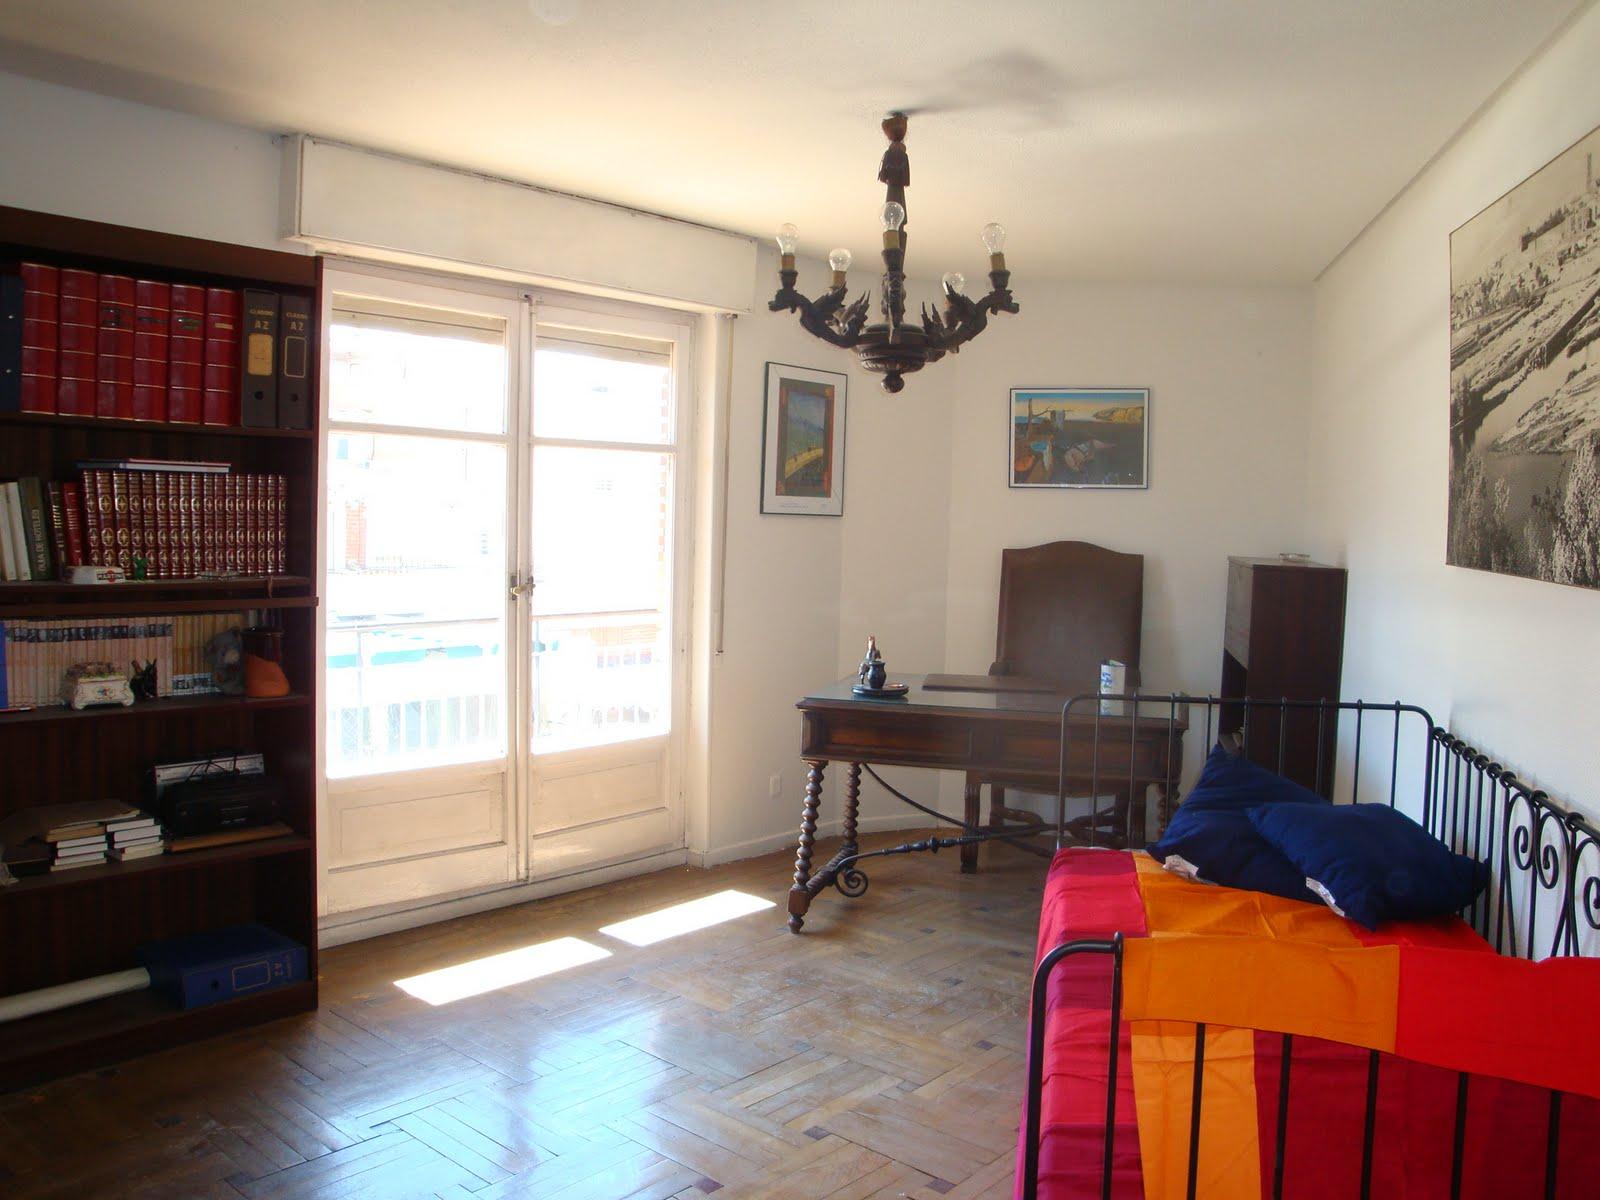 Se alquilan habitaciones a estudiantes madrid alquiler for Alquiler de habitaciones en madrid